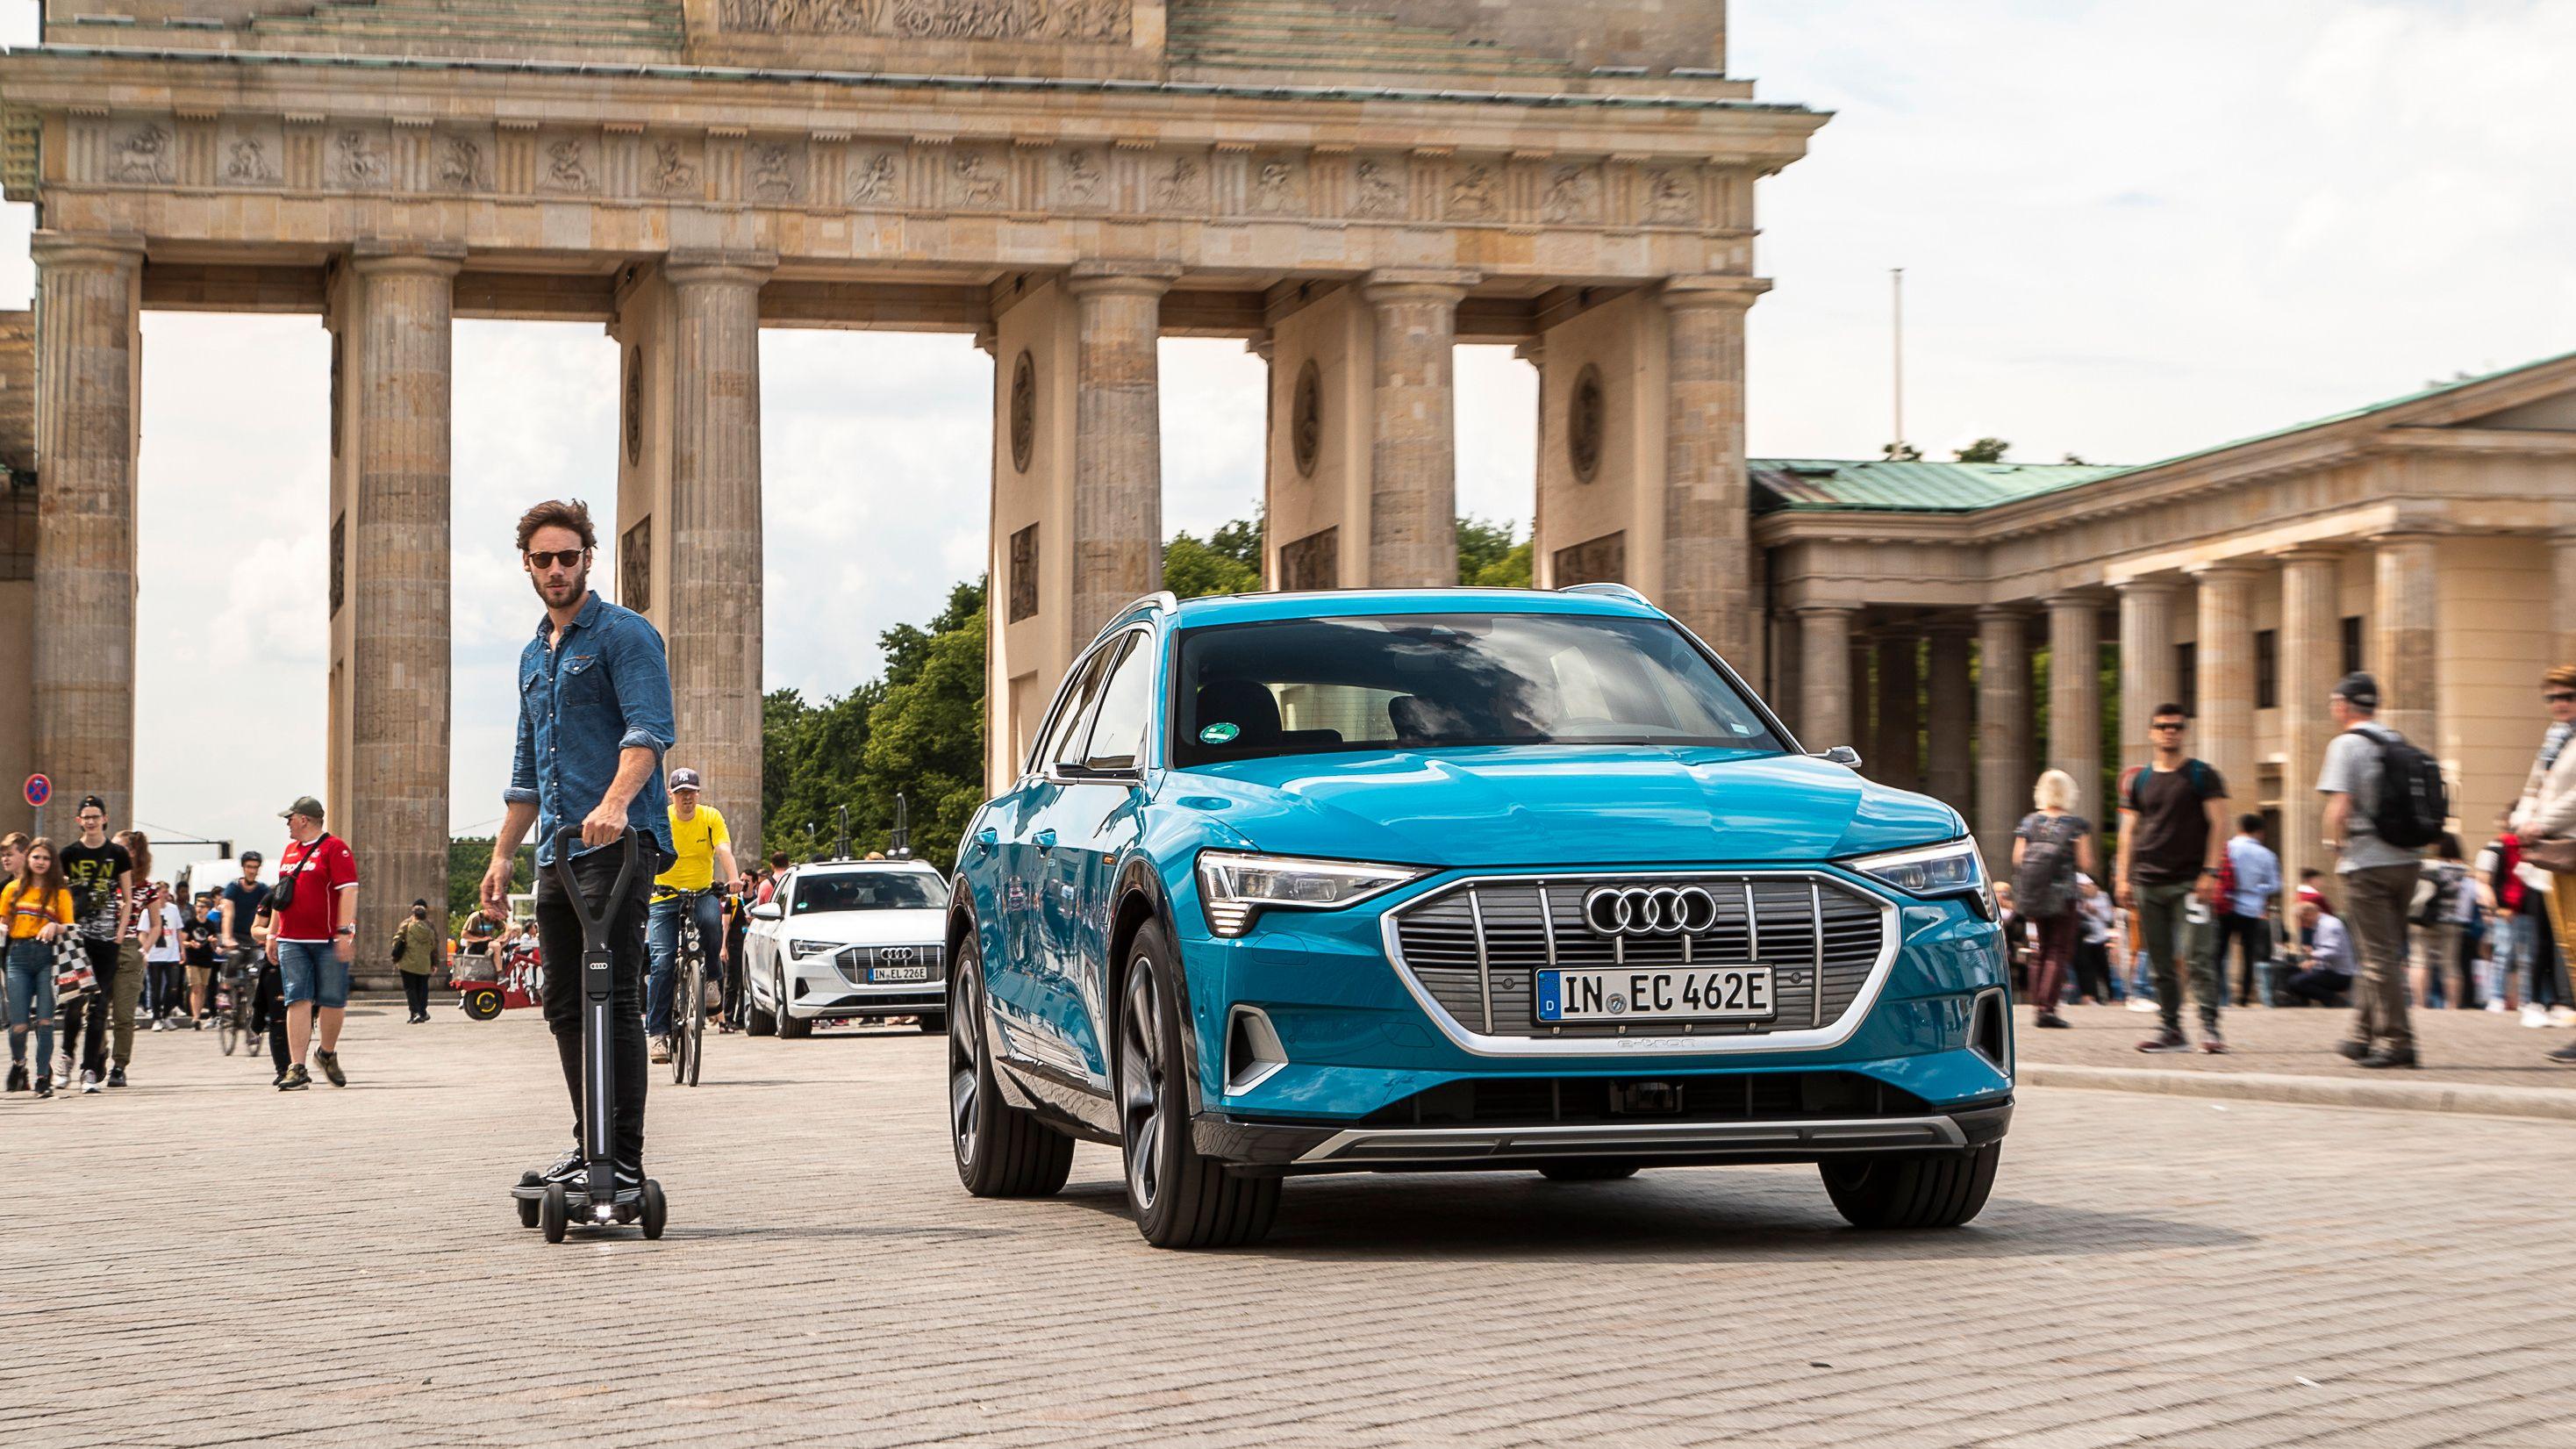 Scooteren vil selges til privatpersoner, ifølge Audi.